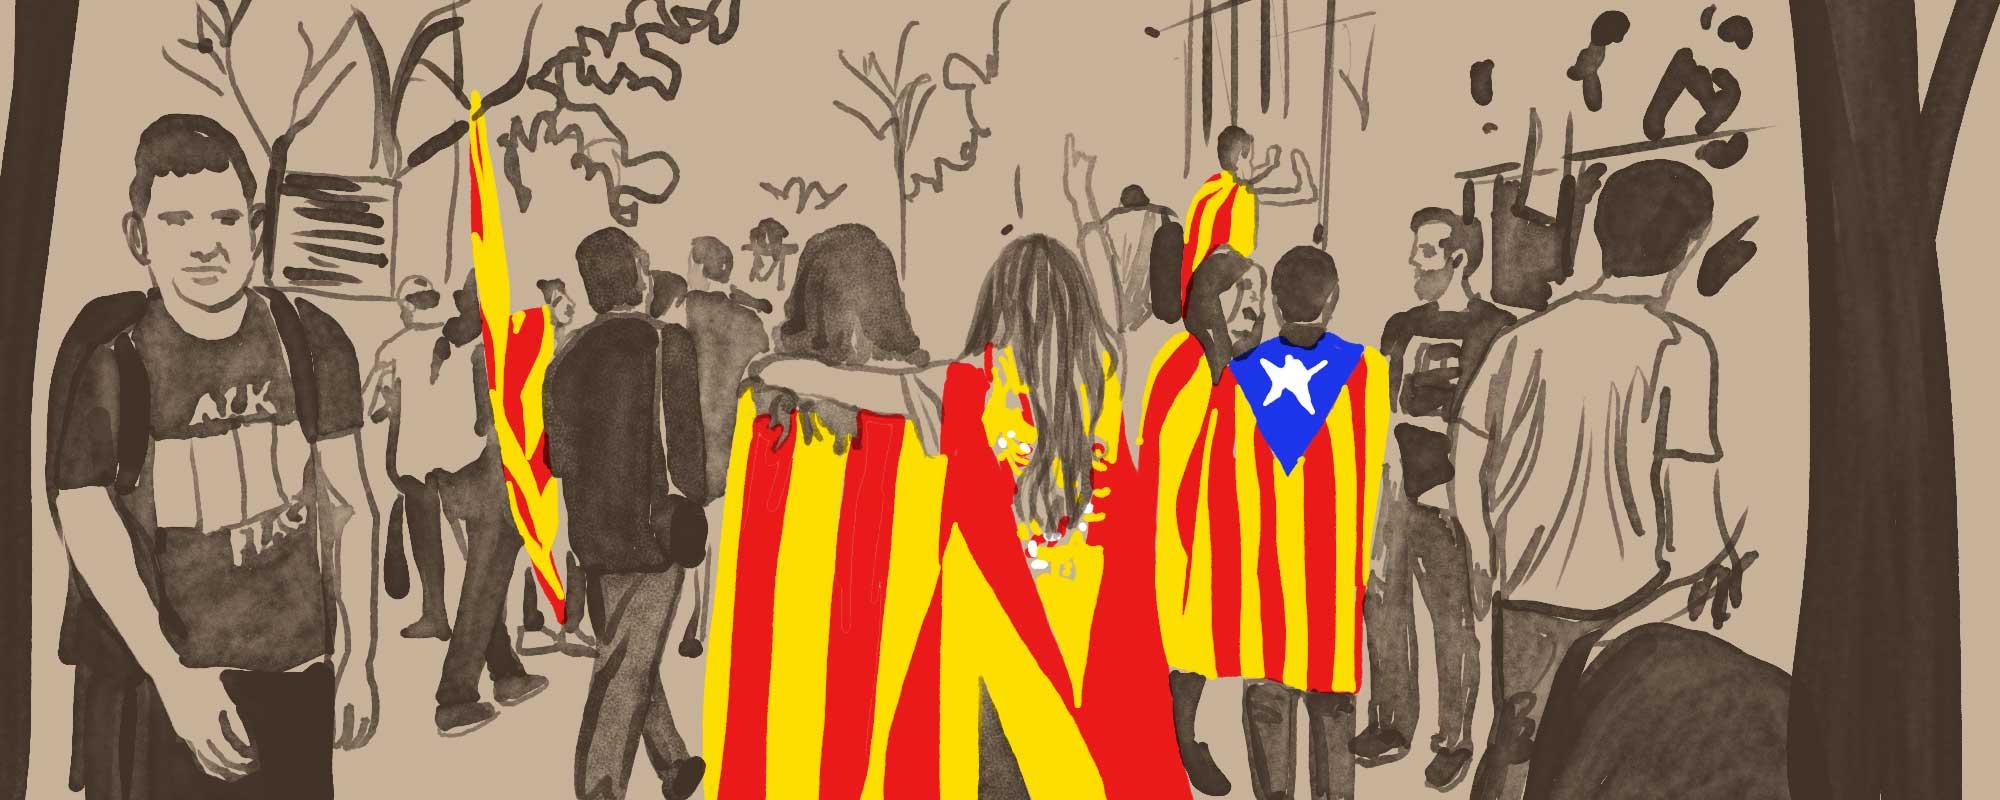 Catalunya i Espanya: cap a un conflicte polític estancat?